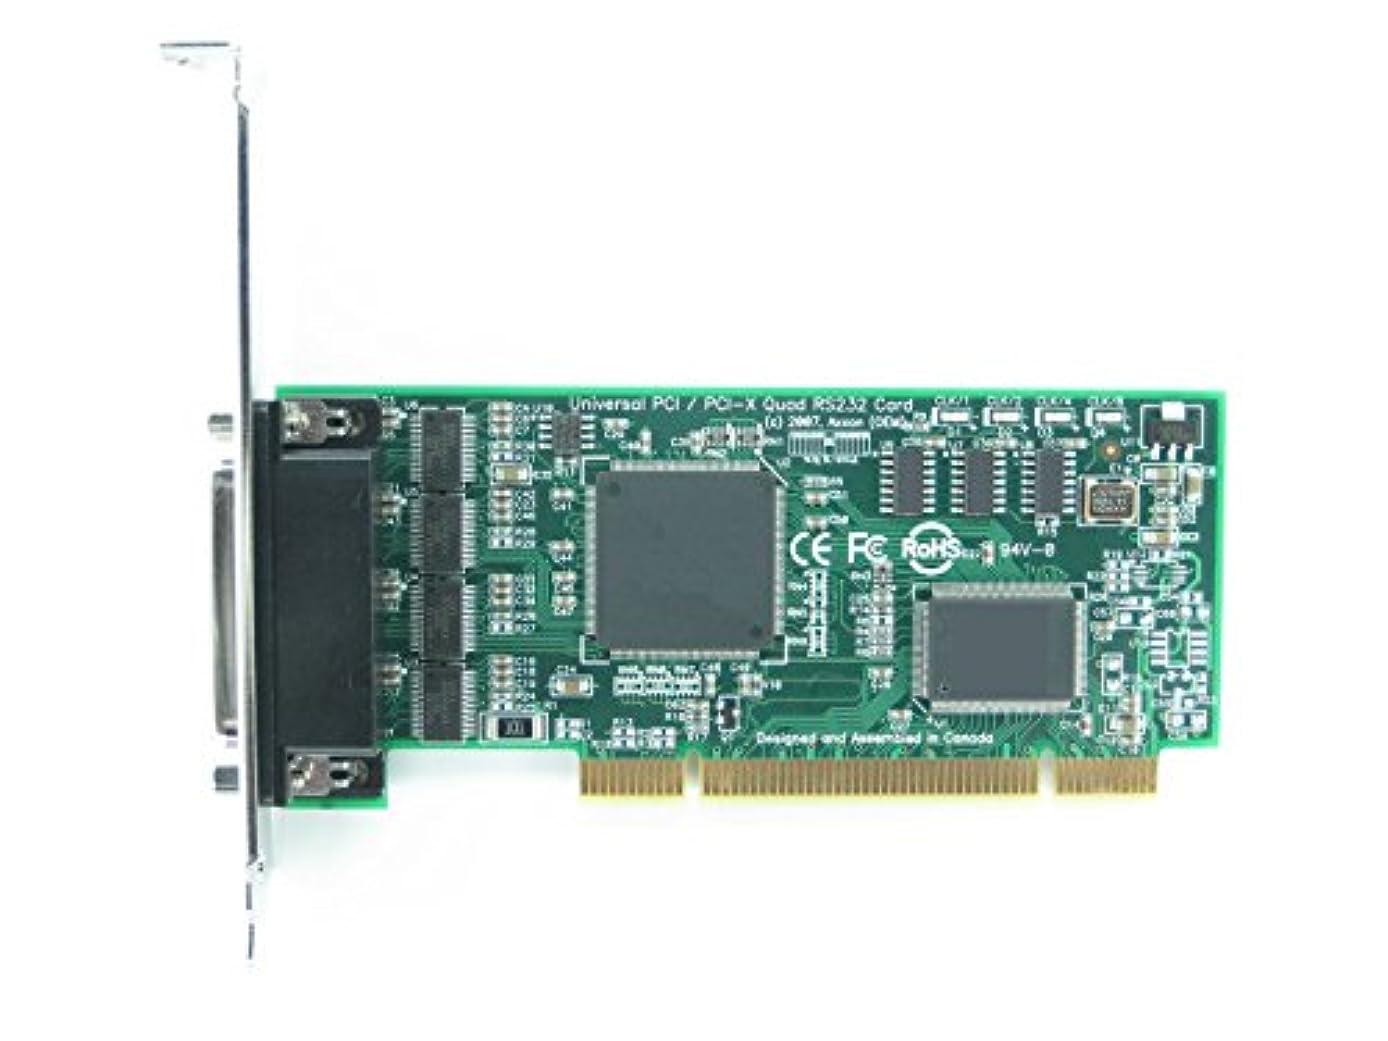 フォアマンかなり発生Axxon lf727kb 4s rs232ユニバーサルPCIシリアルカードアダプタ( Linux / Windows / VMware )